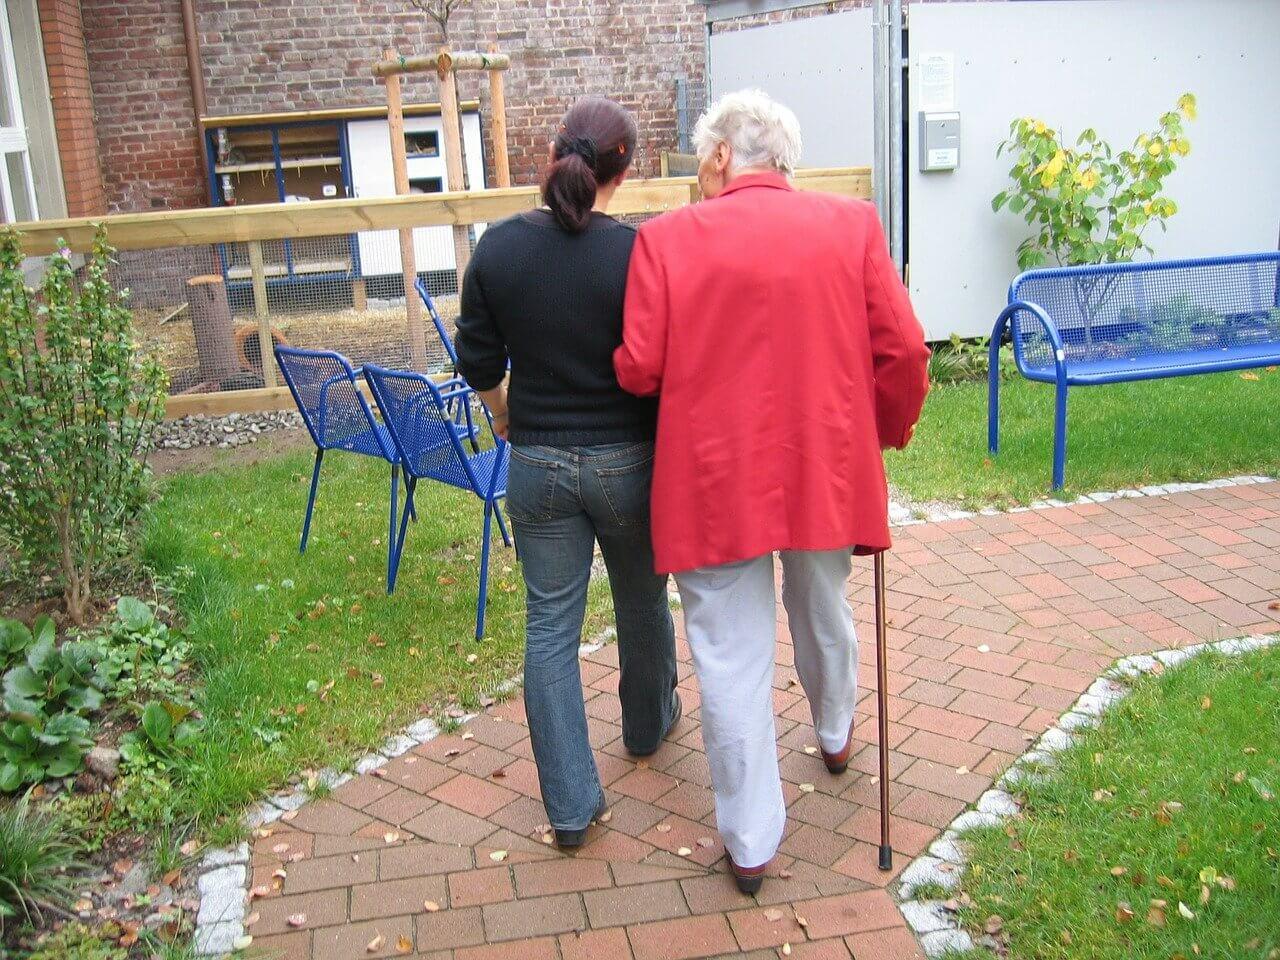 Pflege-Pauschbetrag wird verdoppelt und ausgeweitet